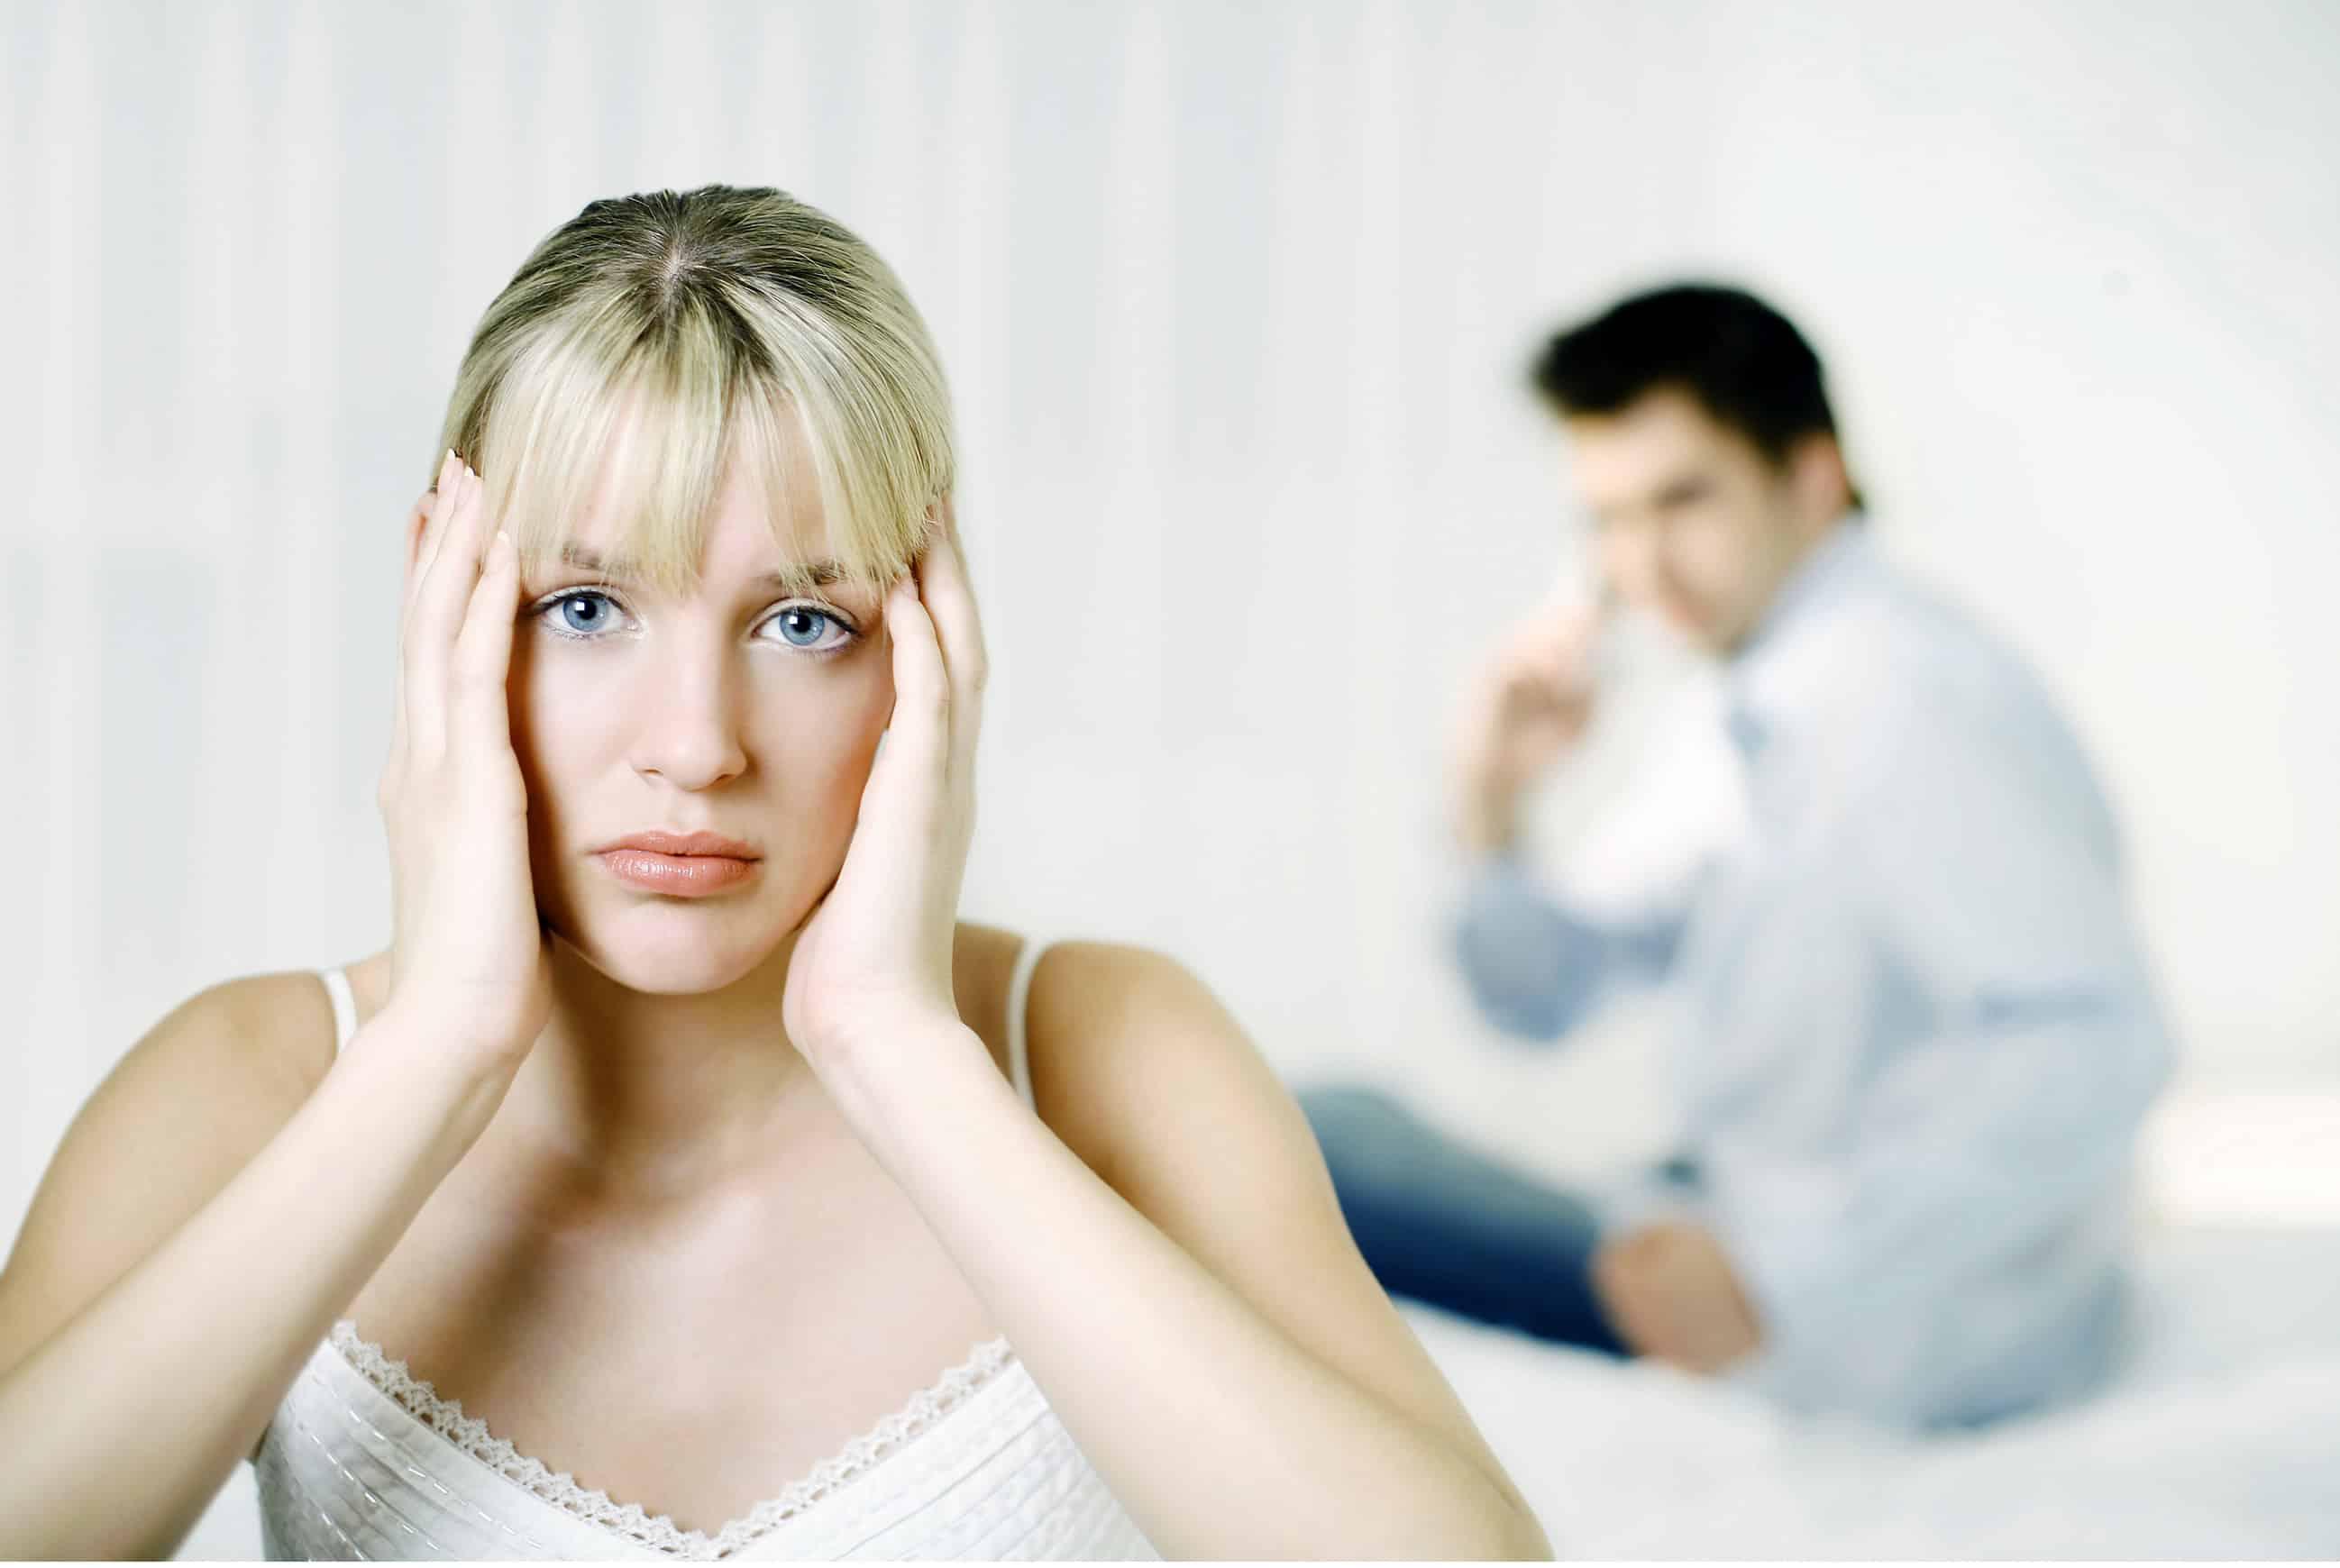 Intimidade emocional se foi ou diminuiu profundamente. É quase um clichê para dois parceiros sentir que a